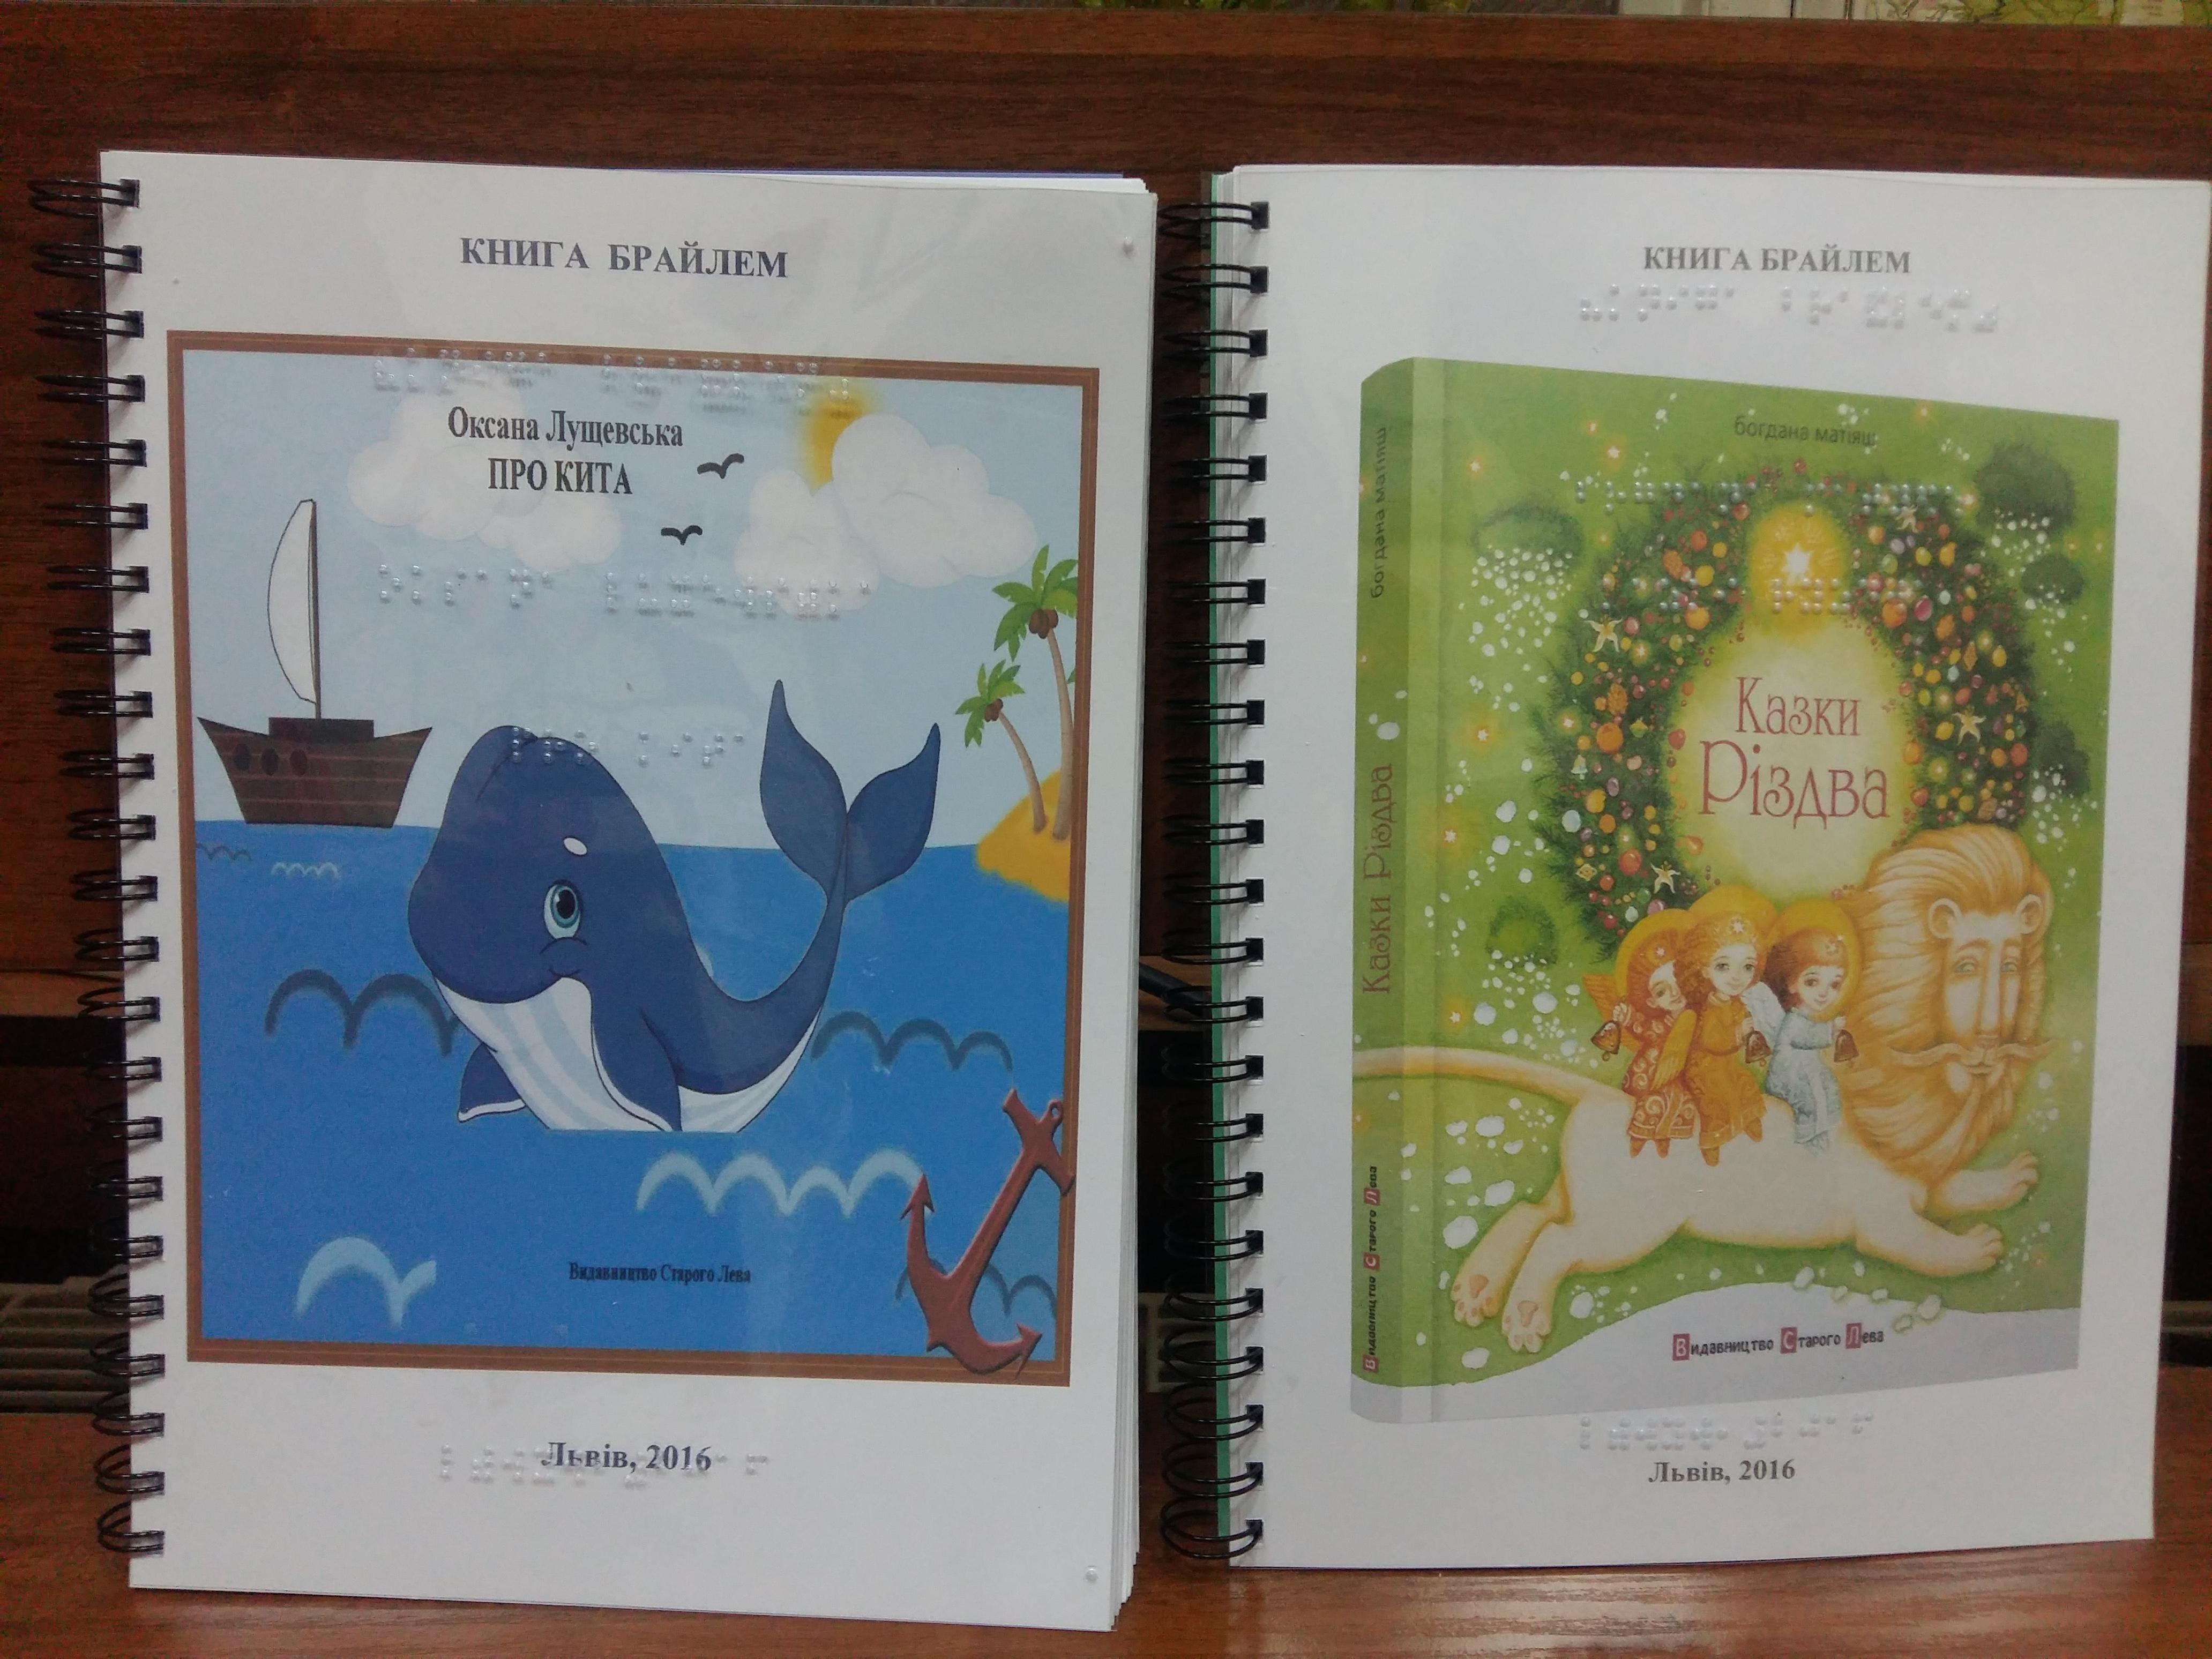 Фото титульної сторінки книг брайлем- Про кита і Казки Різдва